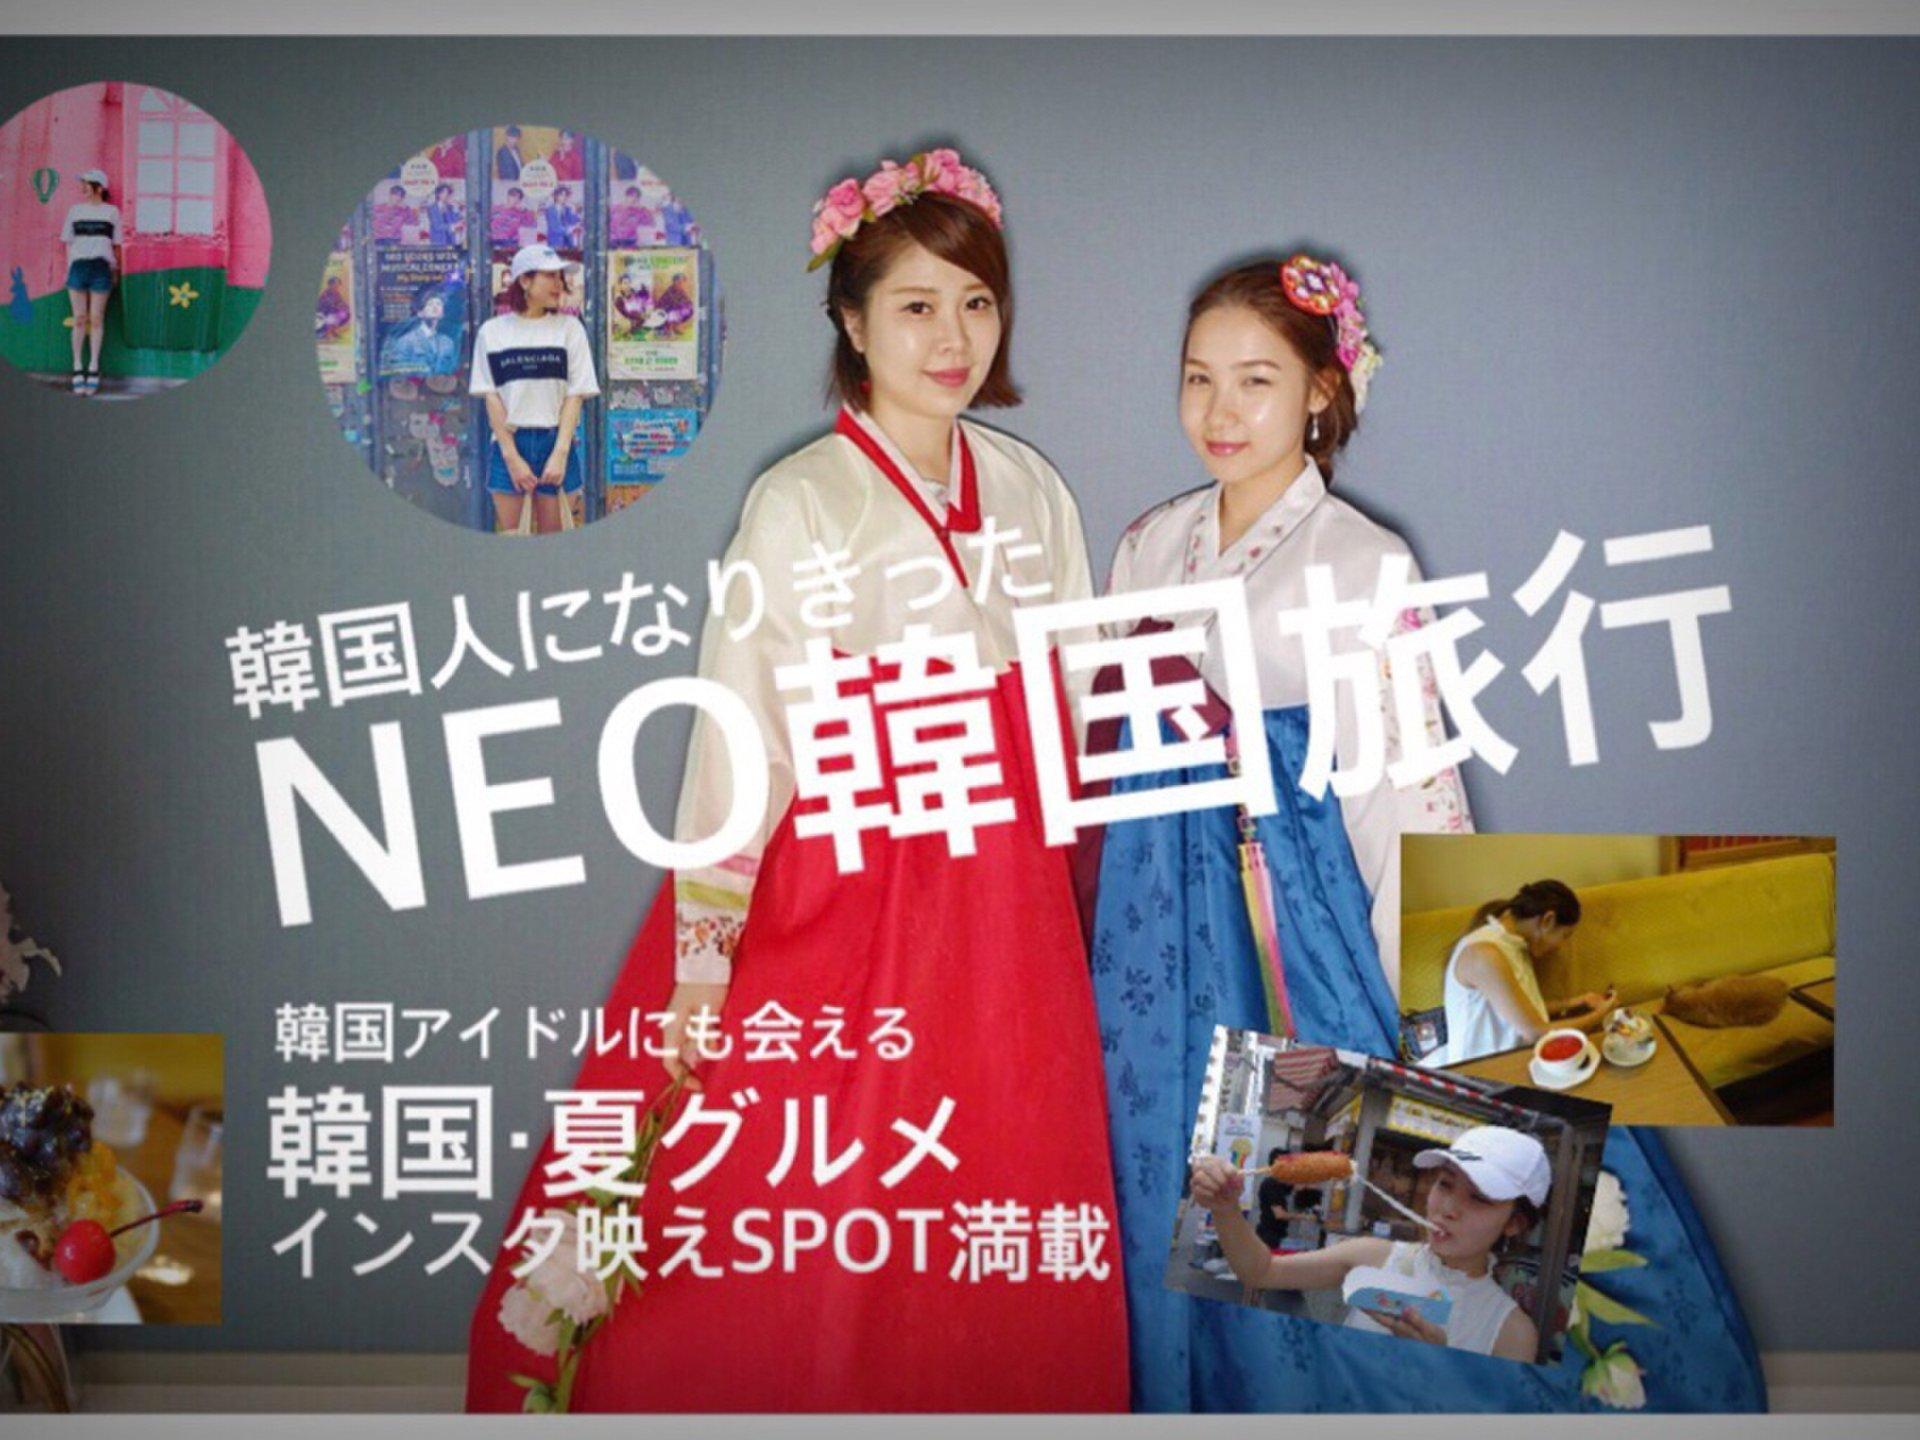 韓国人になりきるネオ韓国旅行!韓国アイドル・チマチョゴリ撮影も激安の新大久保1日満喫プラン。